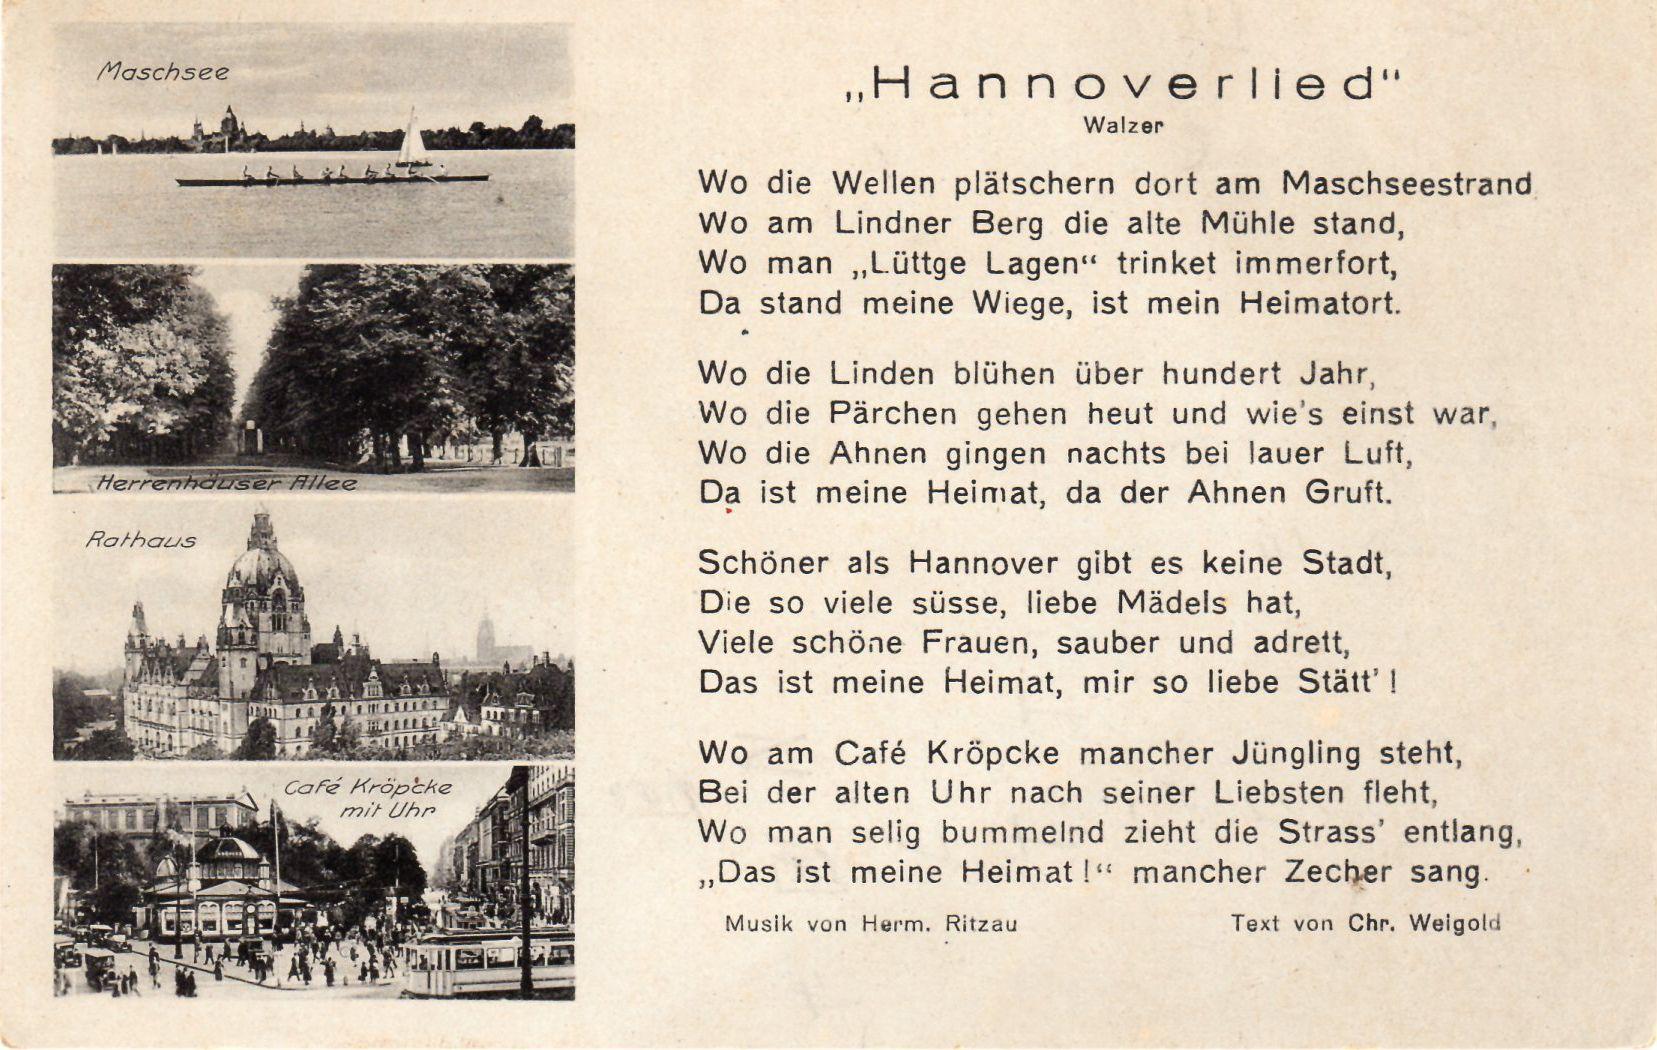 Hannoverlied - 1930er Jahre - schon damals durfte Lüttje Lage nicht fehlen.... . #lüttjelage #hannover #hannoverliebt #tradition #bier #schnaps